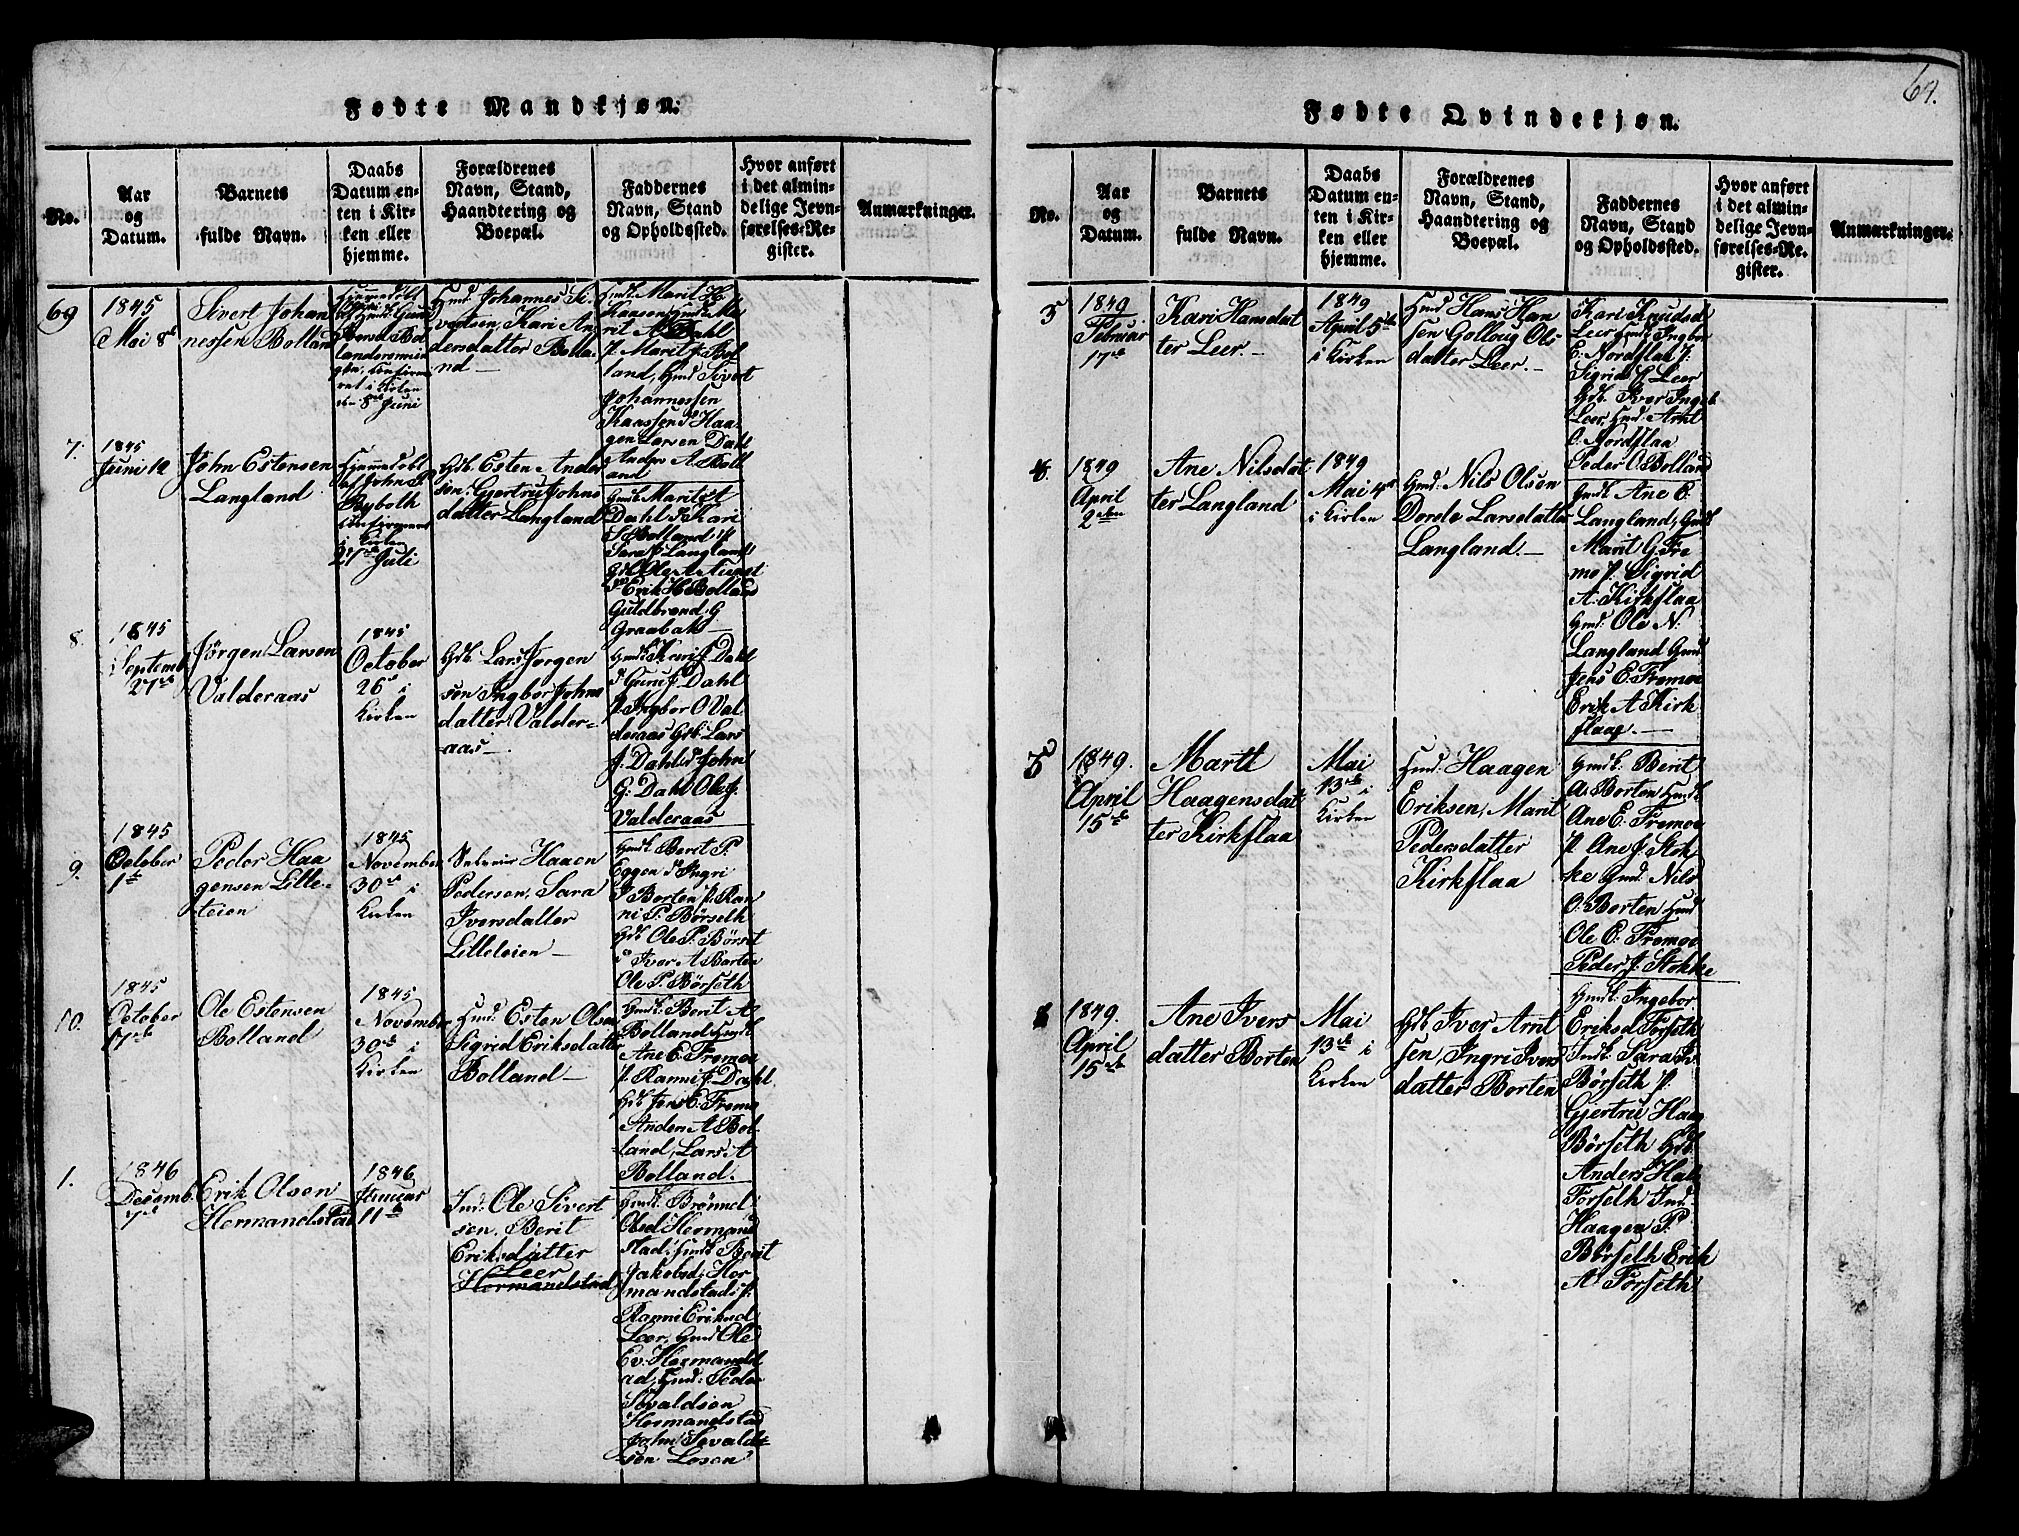 SAT, Ministerialprotokoller, klokkerbøker og fødselsregistre - Sør-Trøndelag, 693/L1121: Klokkerbok nr. 693C02, 1816-1869, s. 64